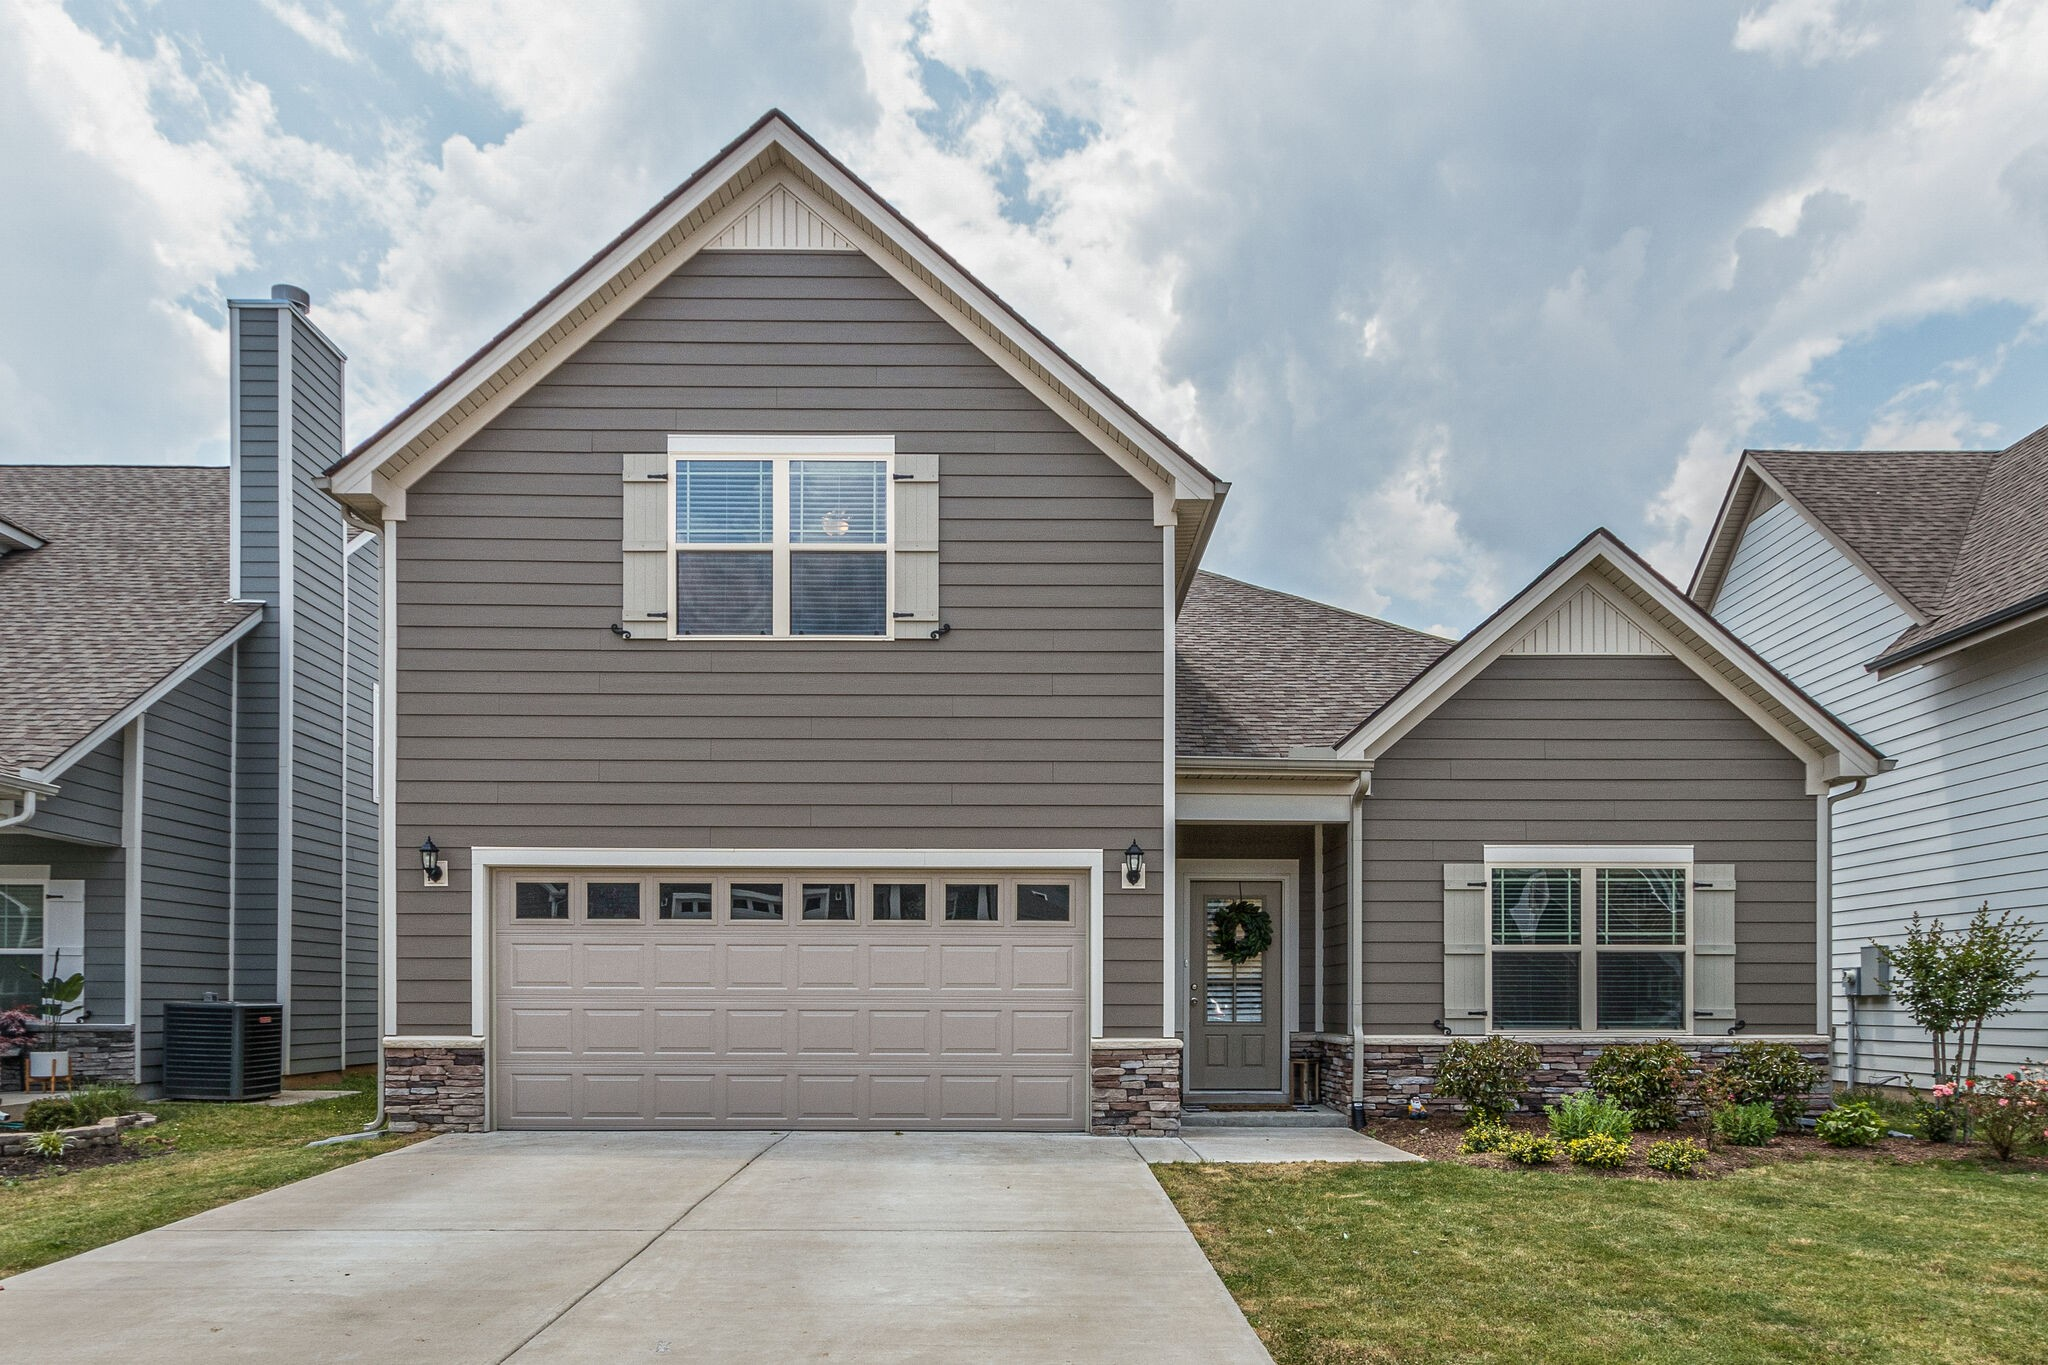 5920 Enclave Dr Property Photo 1